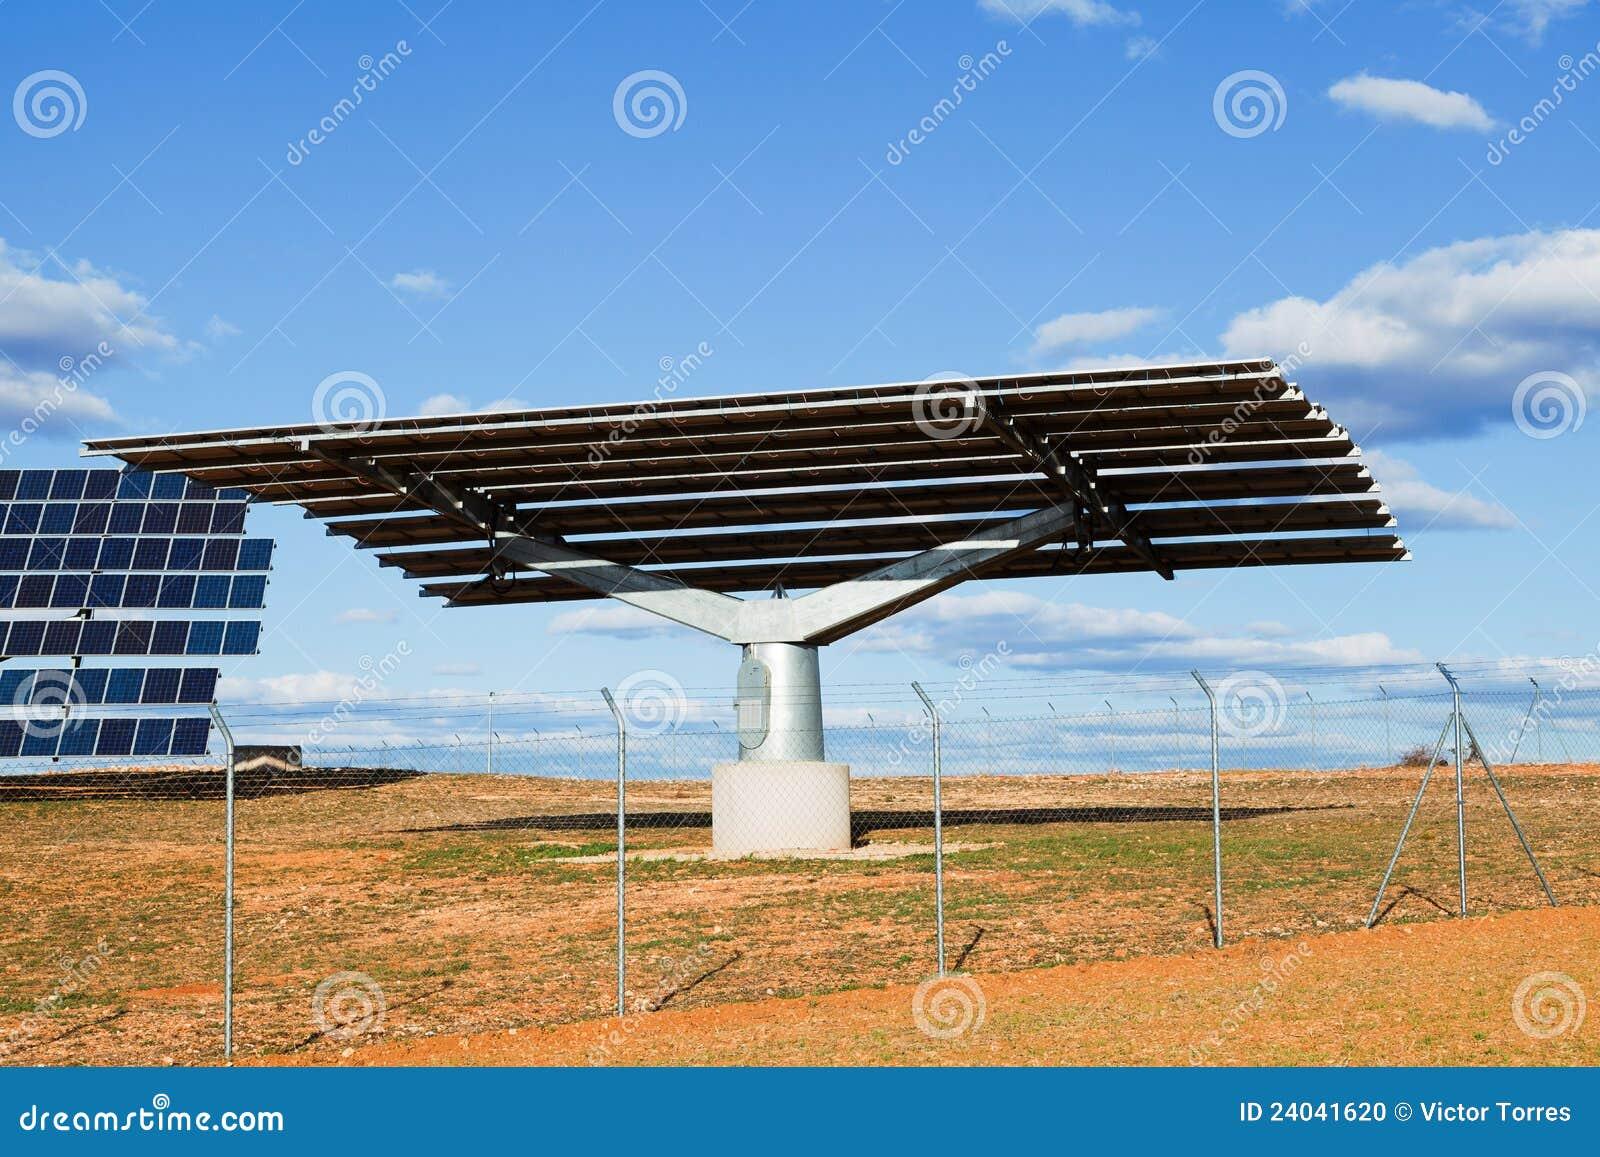 estructura panel solar: